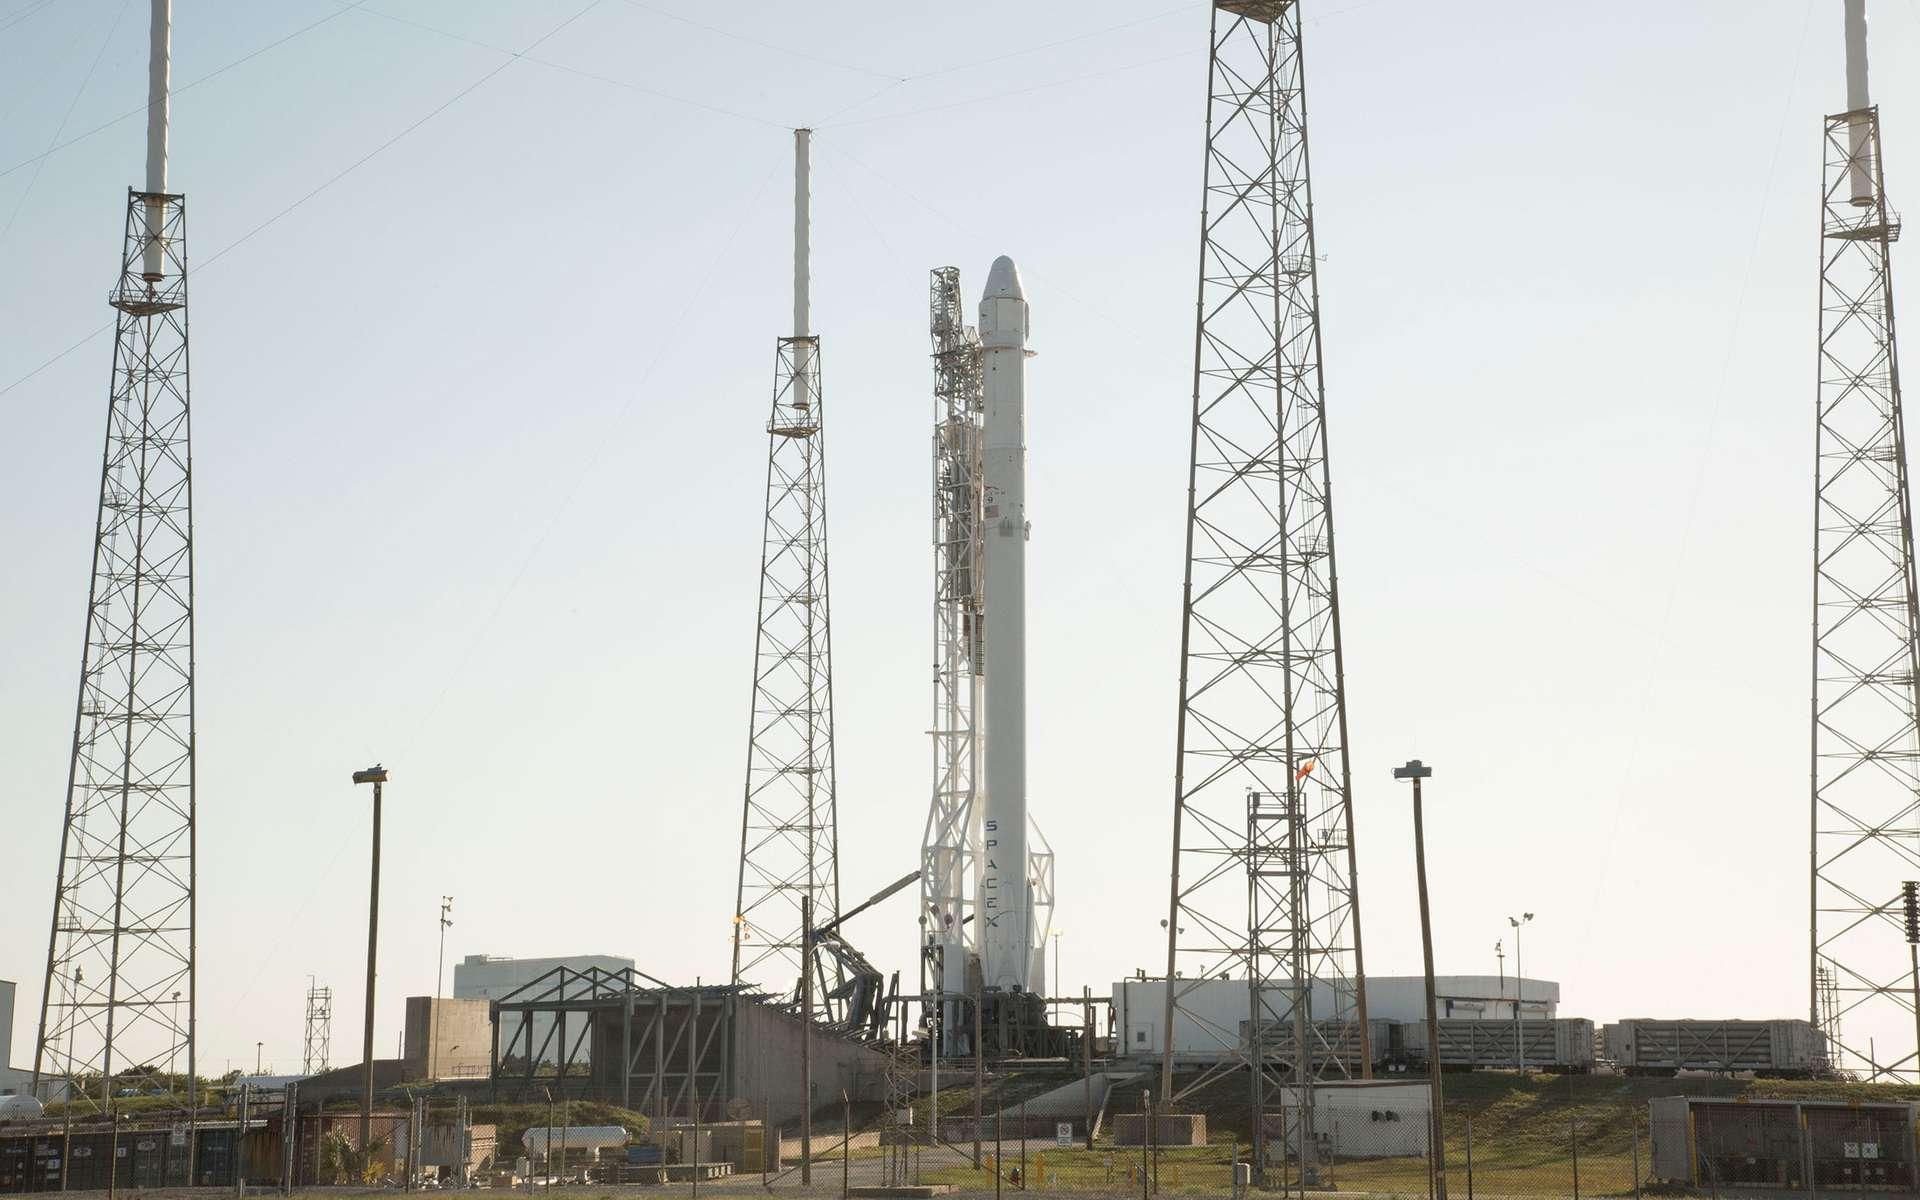 Après l'essai statique des moteurs de son premier étage, le lanceur Falcon 9 de SpaceX se tient prêt au décollage sur son pas de tir de Cap Canaveral en Floride. © SpaceX